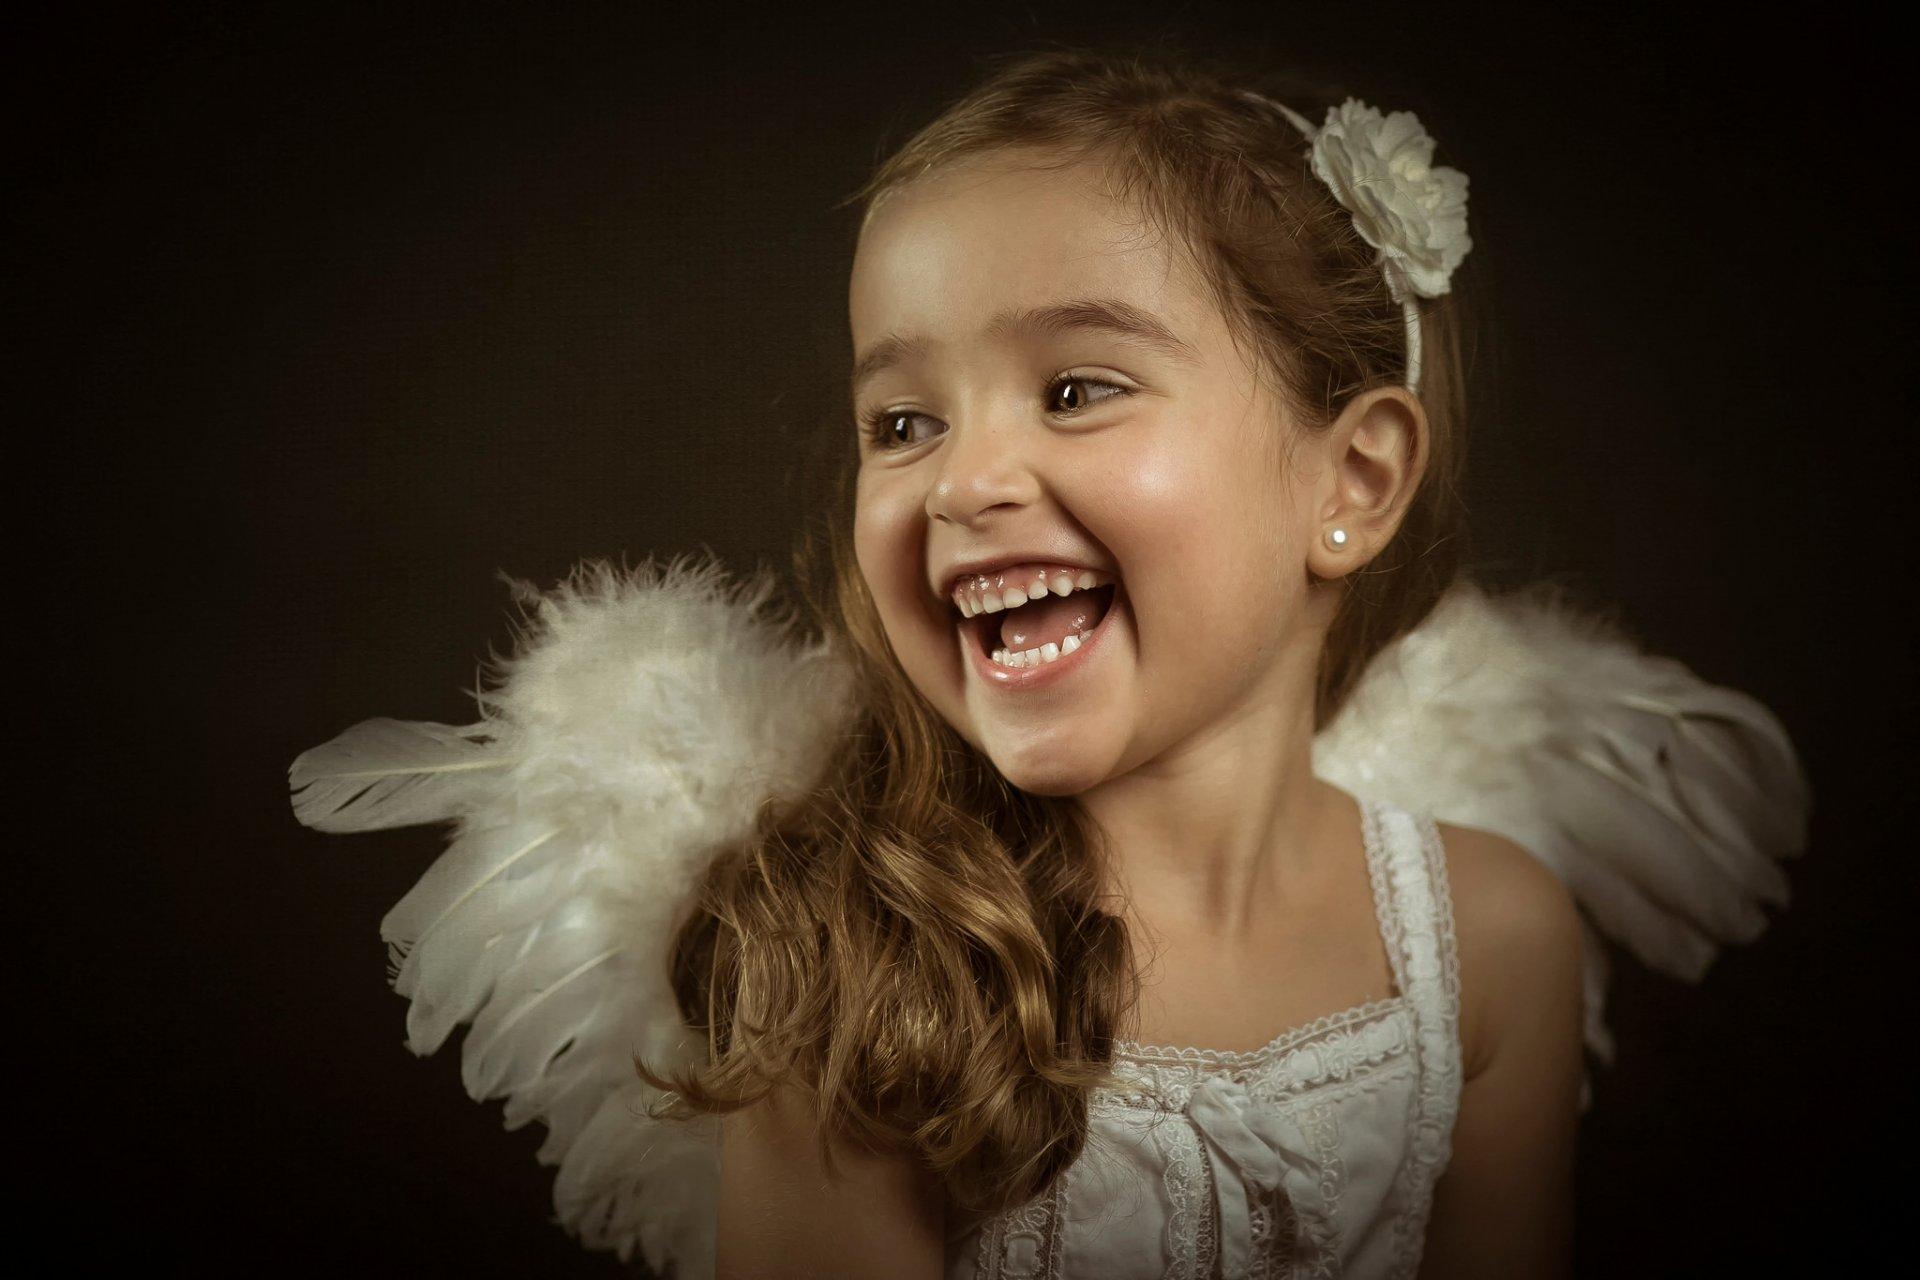 Смешные картинки с девочкой которая улыбается, днем свадьбы